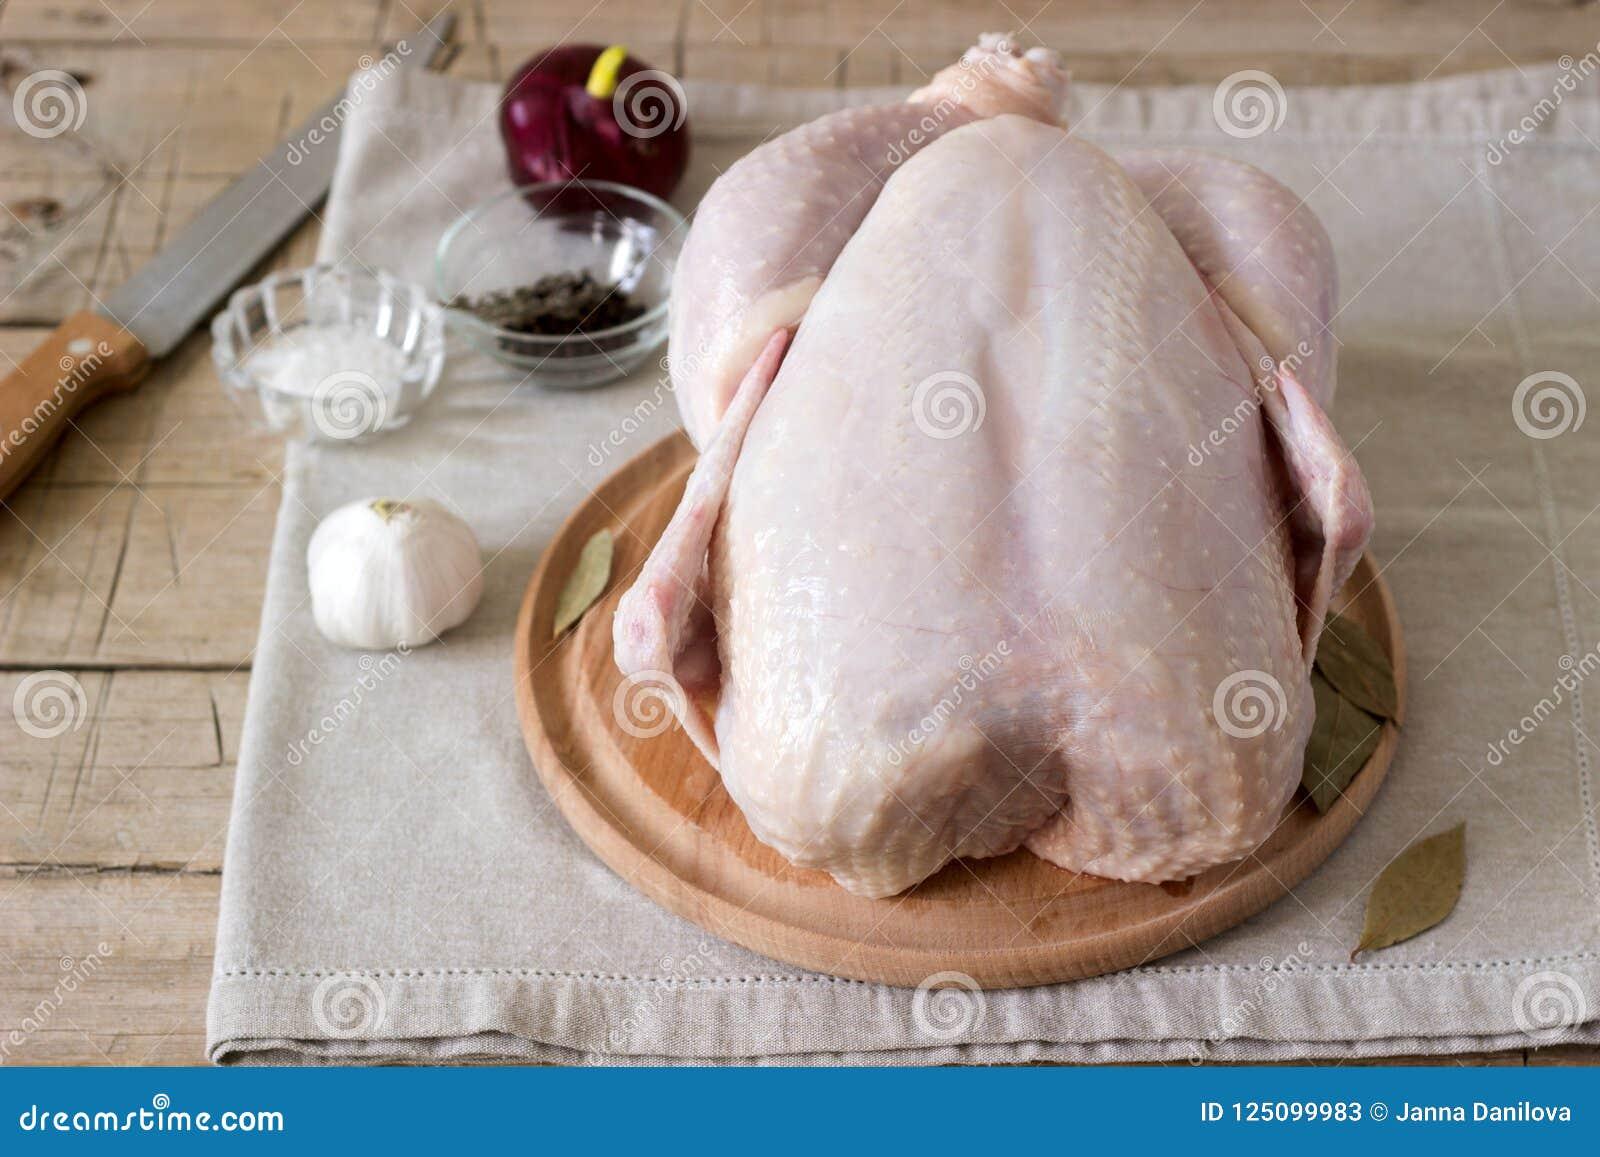 Ακατέργαστο κοτόπουλο σε έναν ξύλινο πίνακα με τα καρυκεύματα και τα λαχανικά